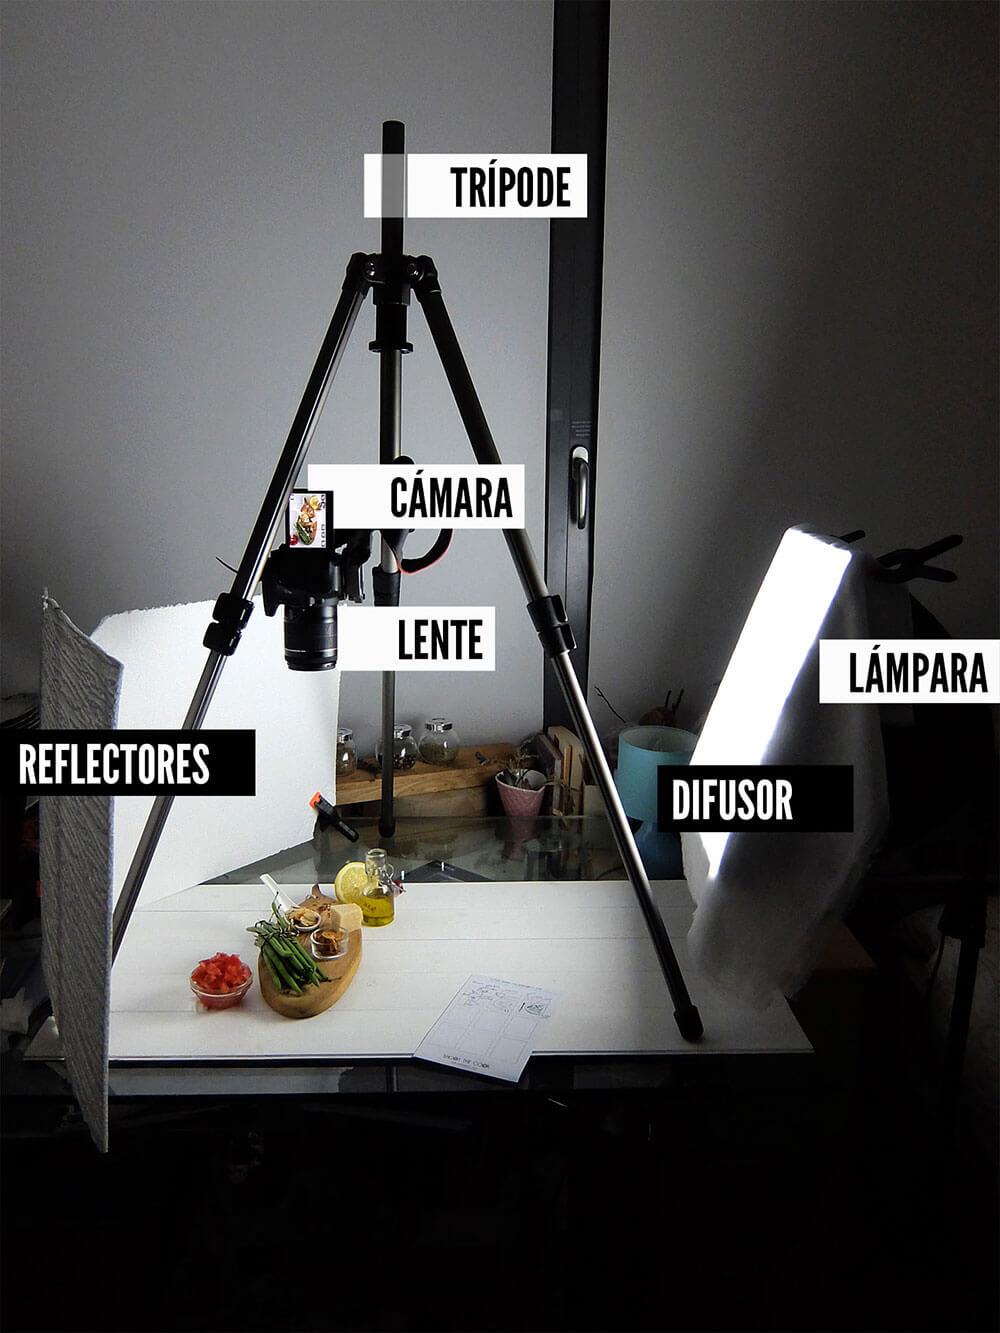 Material necesario para fotografía gastronómica.